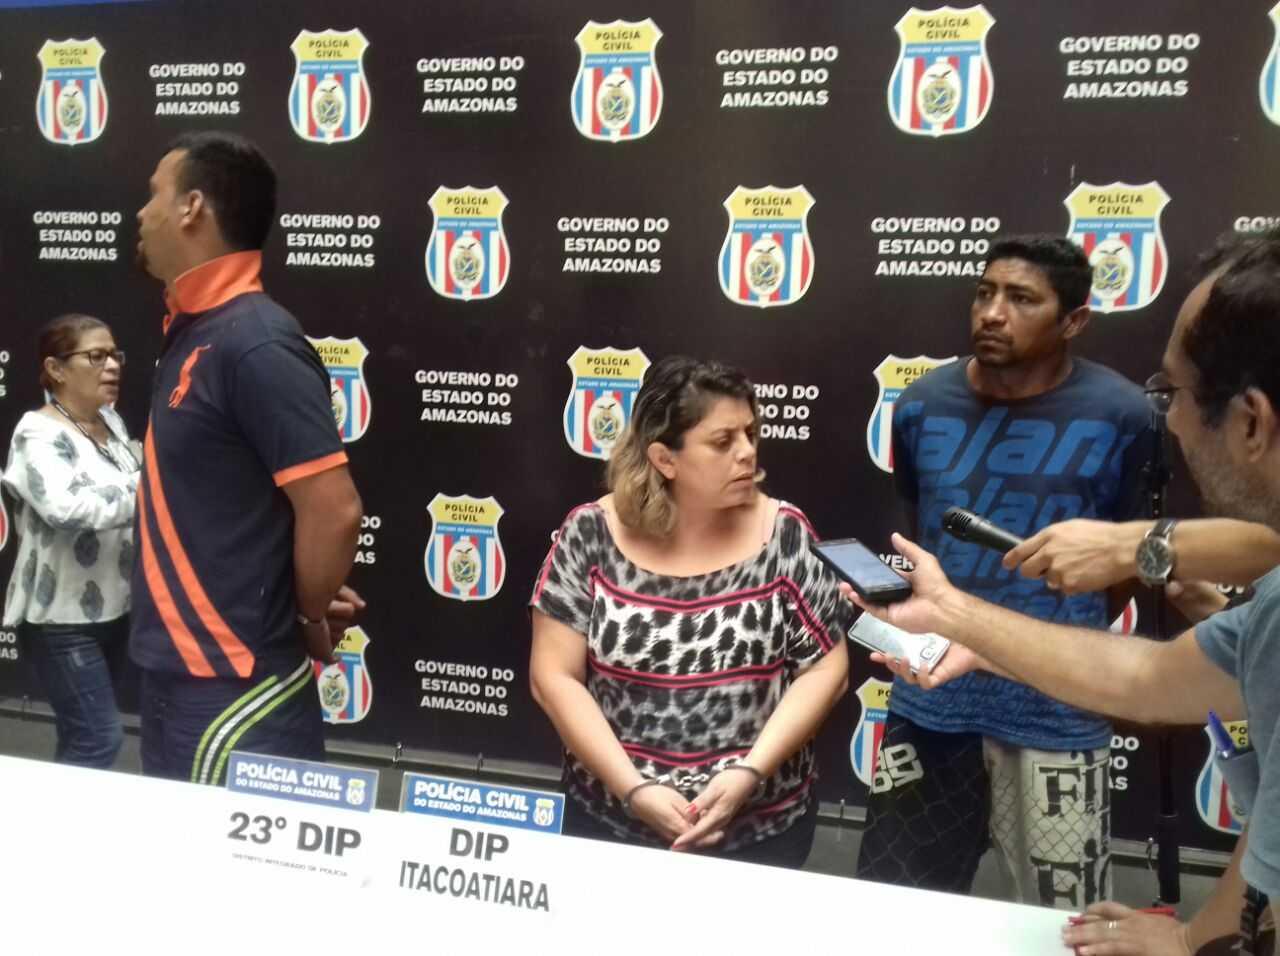 Polícia Civil apresenta trio suspeito de matar casal de idosos, no Amazonas - Imagem: Divulgação /PC